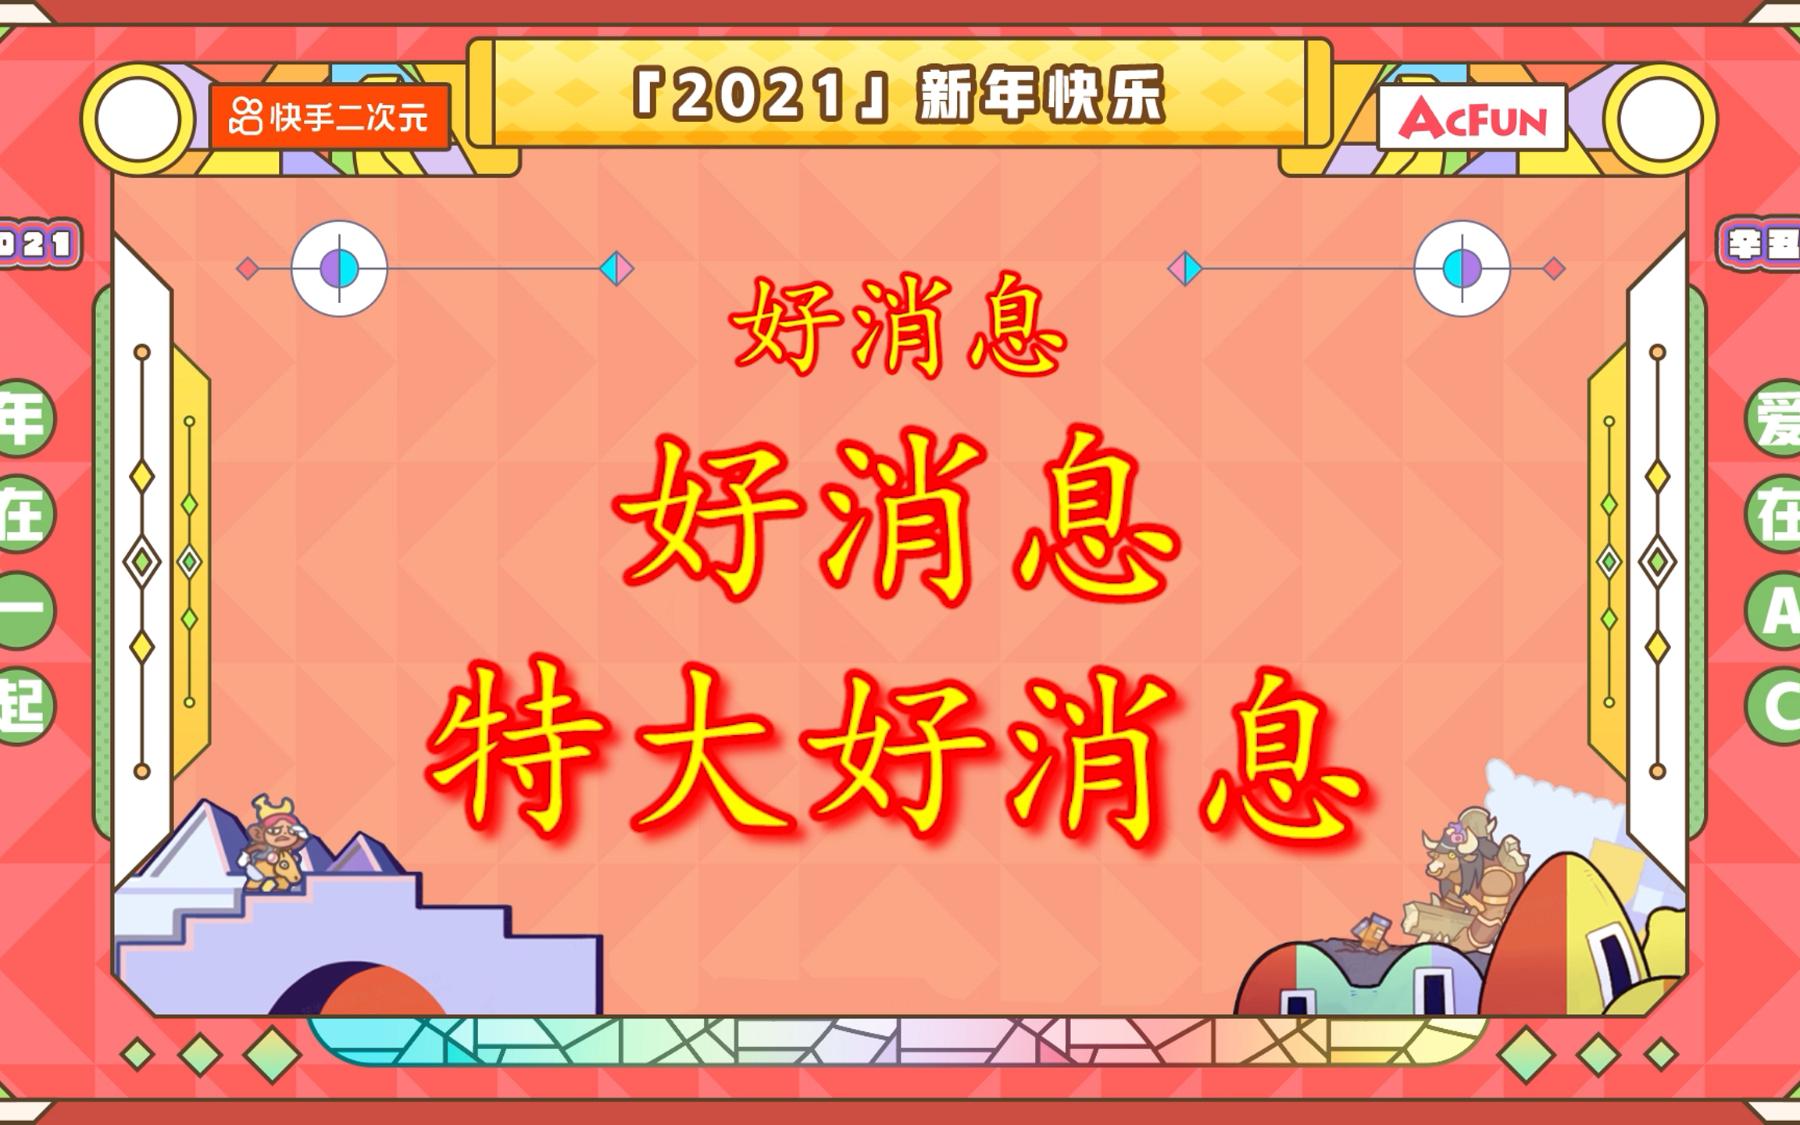 【年在一起】Acfun「年在一起」晚会明晚开播啦!!!